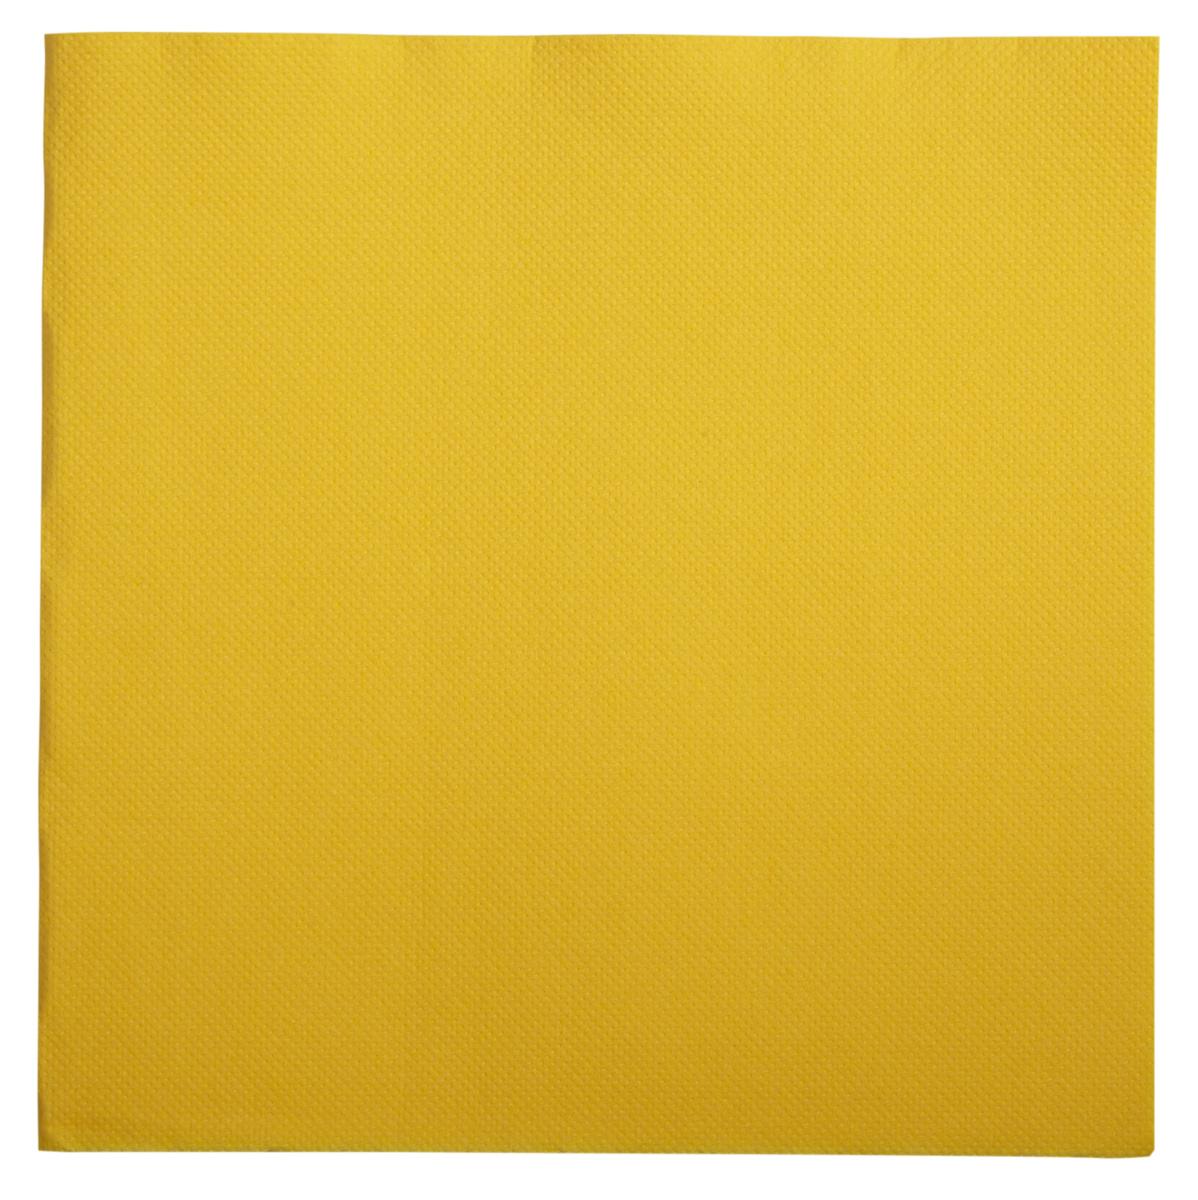 Serviette jaune ouate de cellulose 38x38 cm Lisah Pro.mundi (50 pièces)